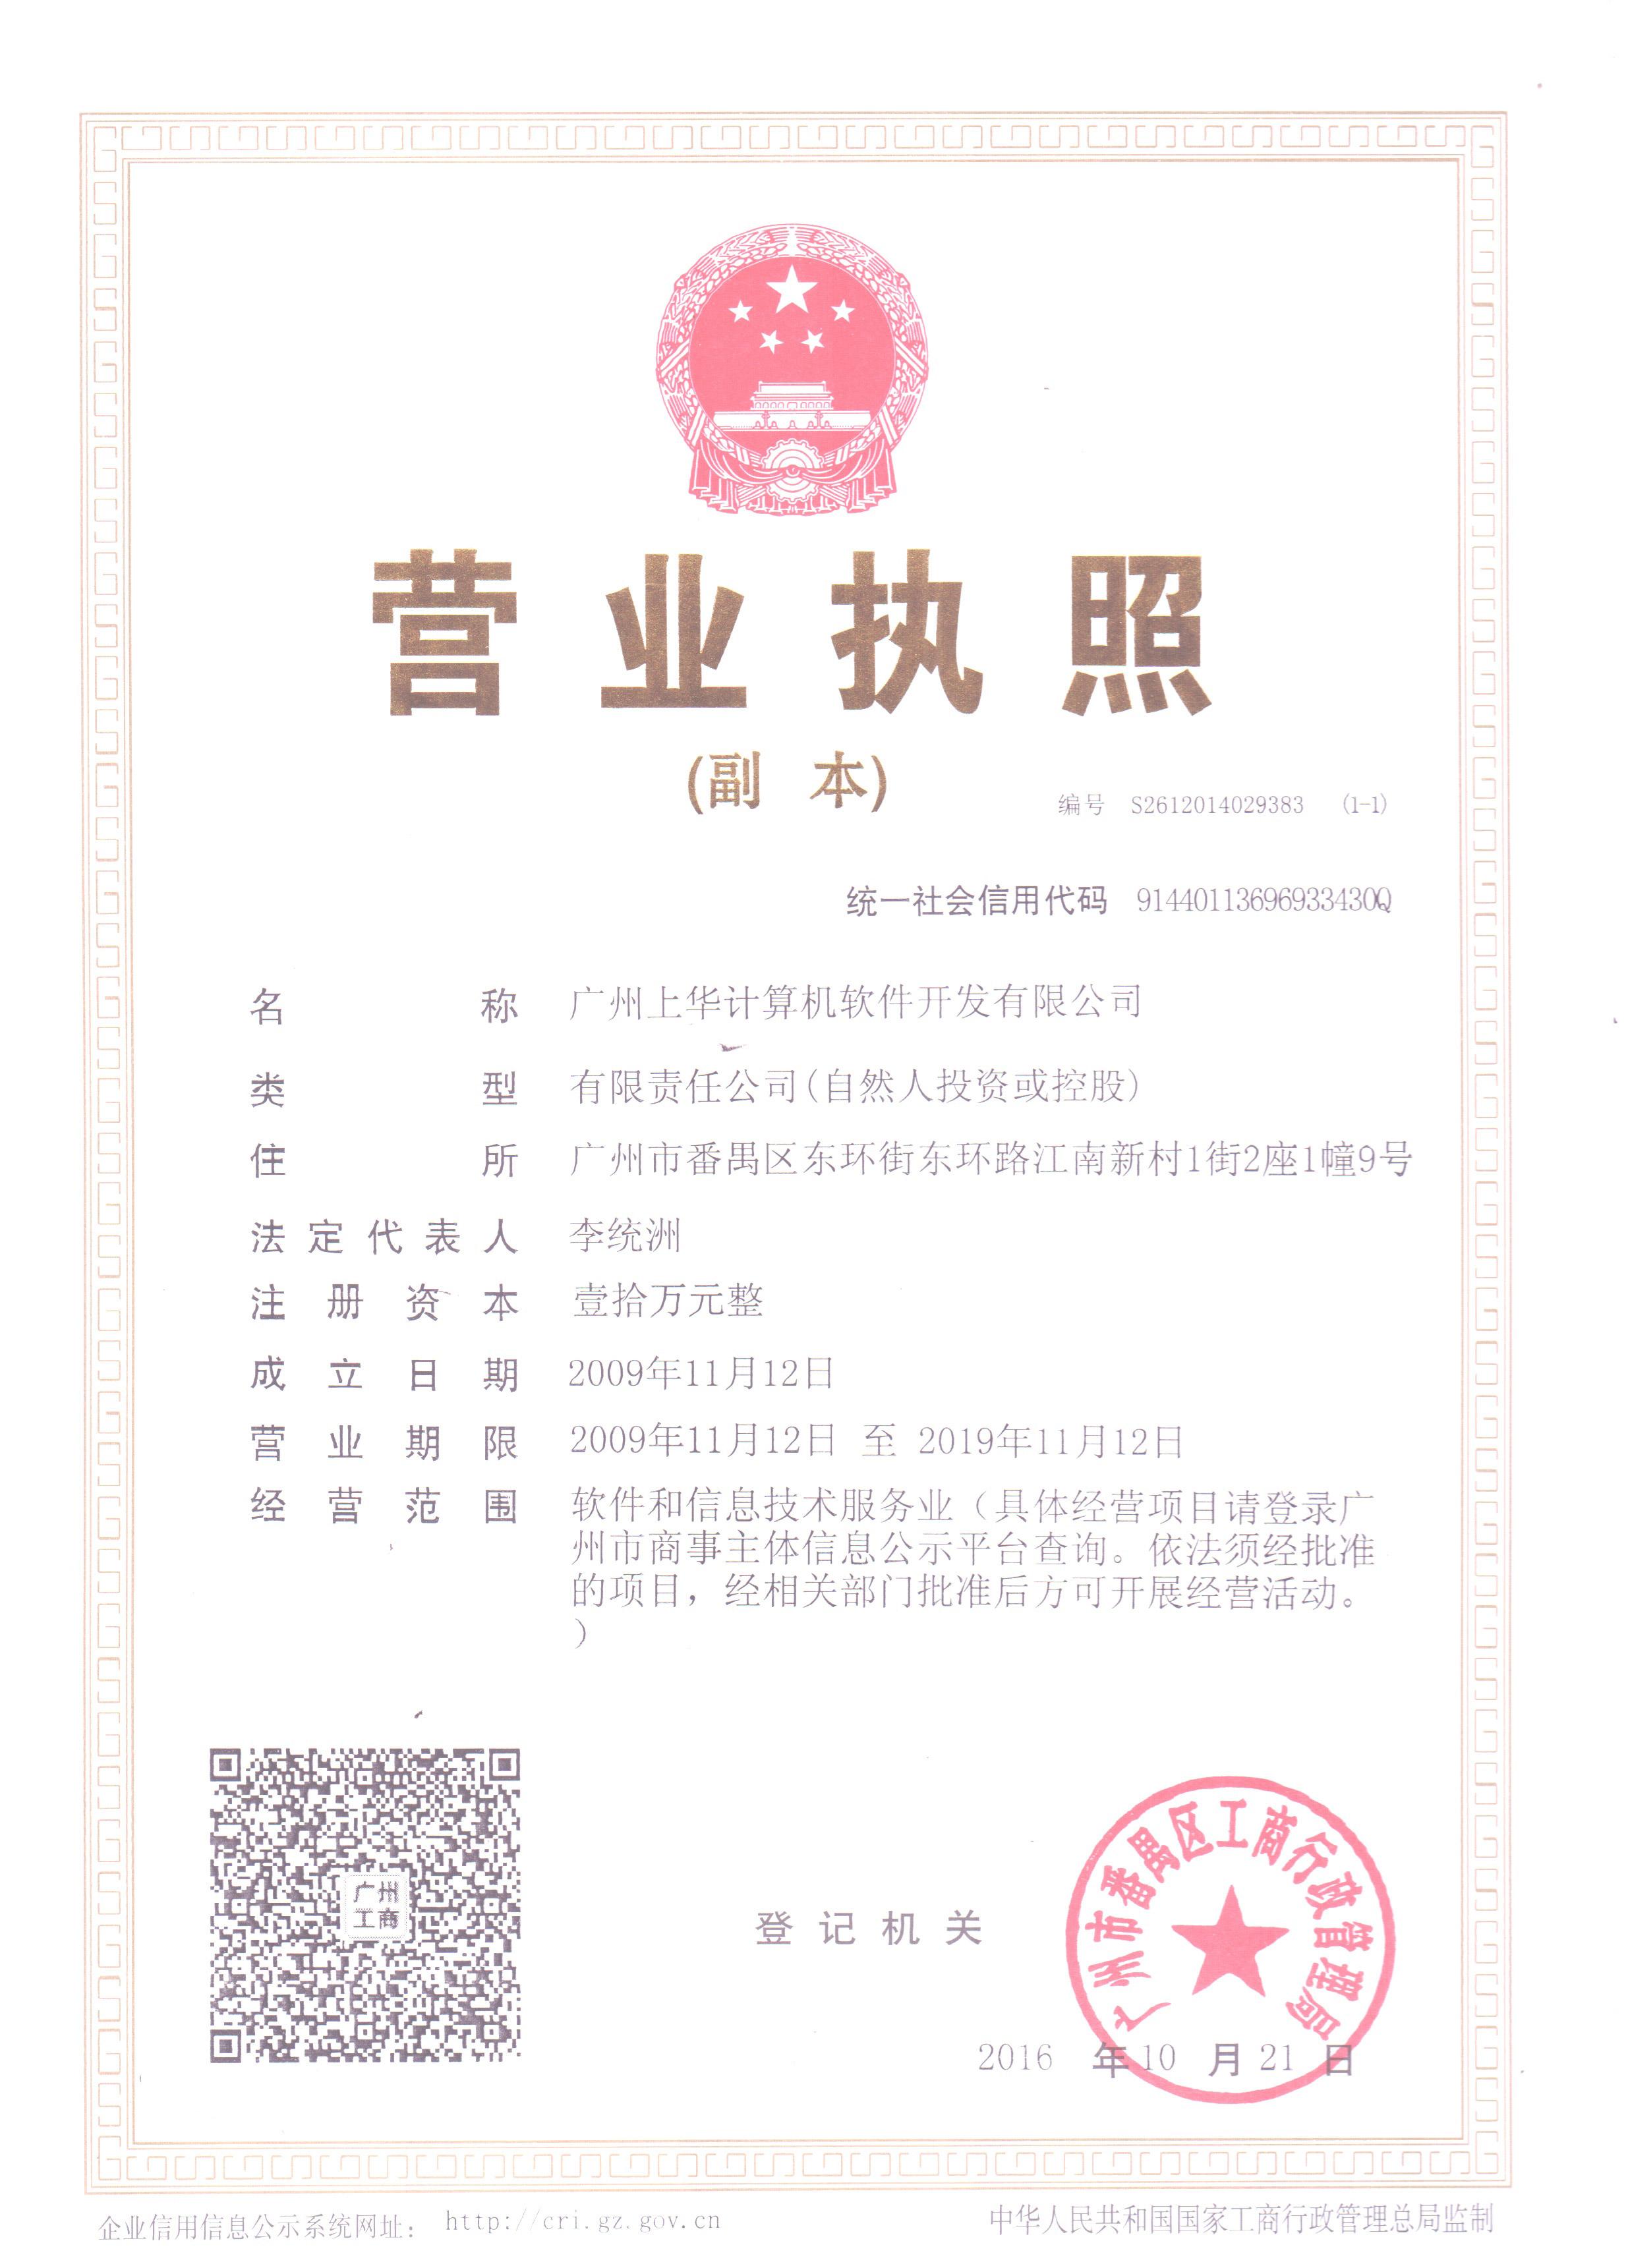 广州上华计算机软件开发有限公司形象图